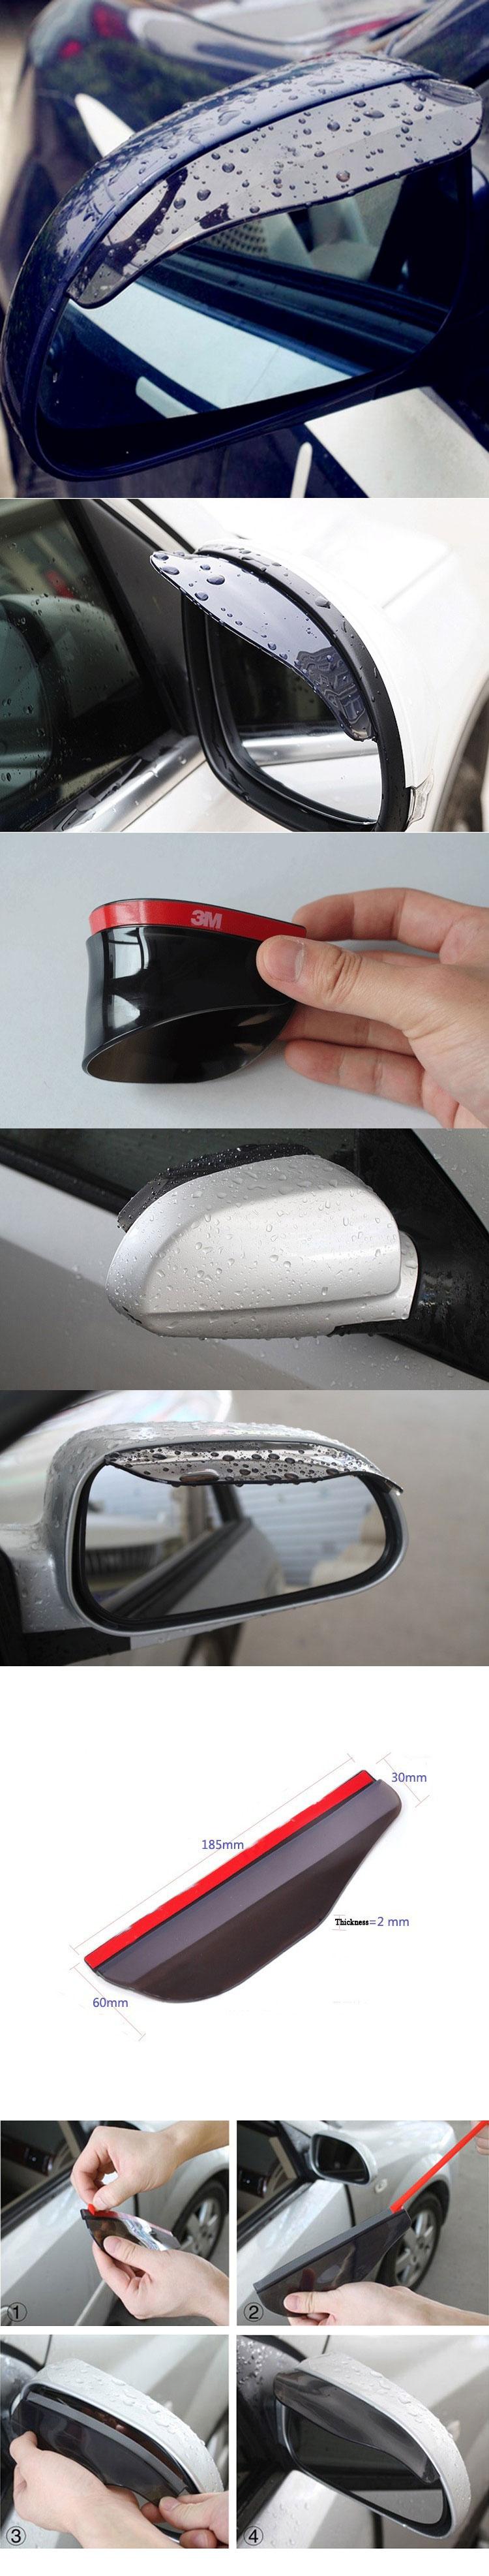 사이드 미러 빗물 방지 커버 (부착식/좌우 1셋트) 블랙